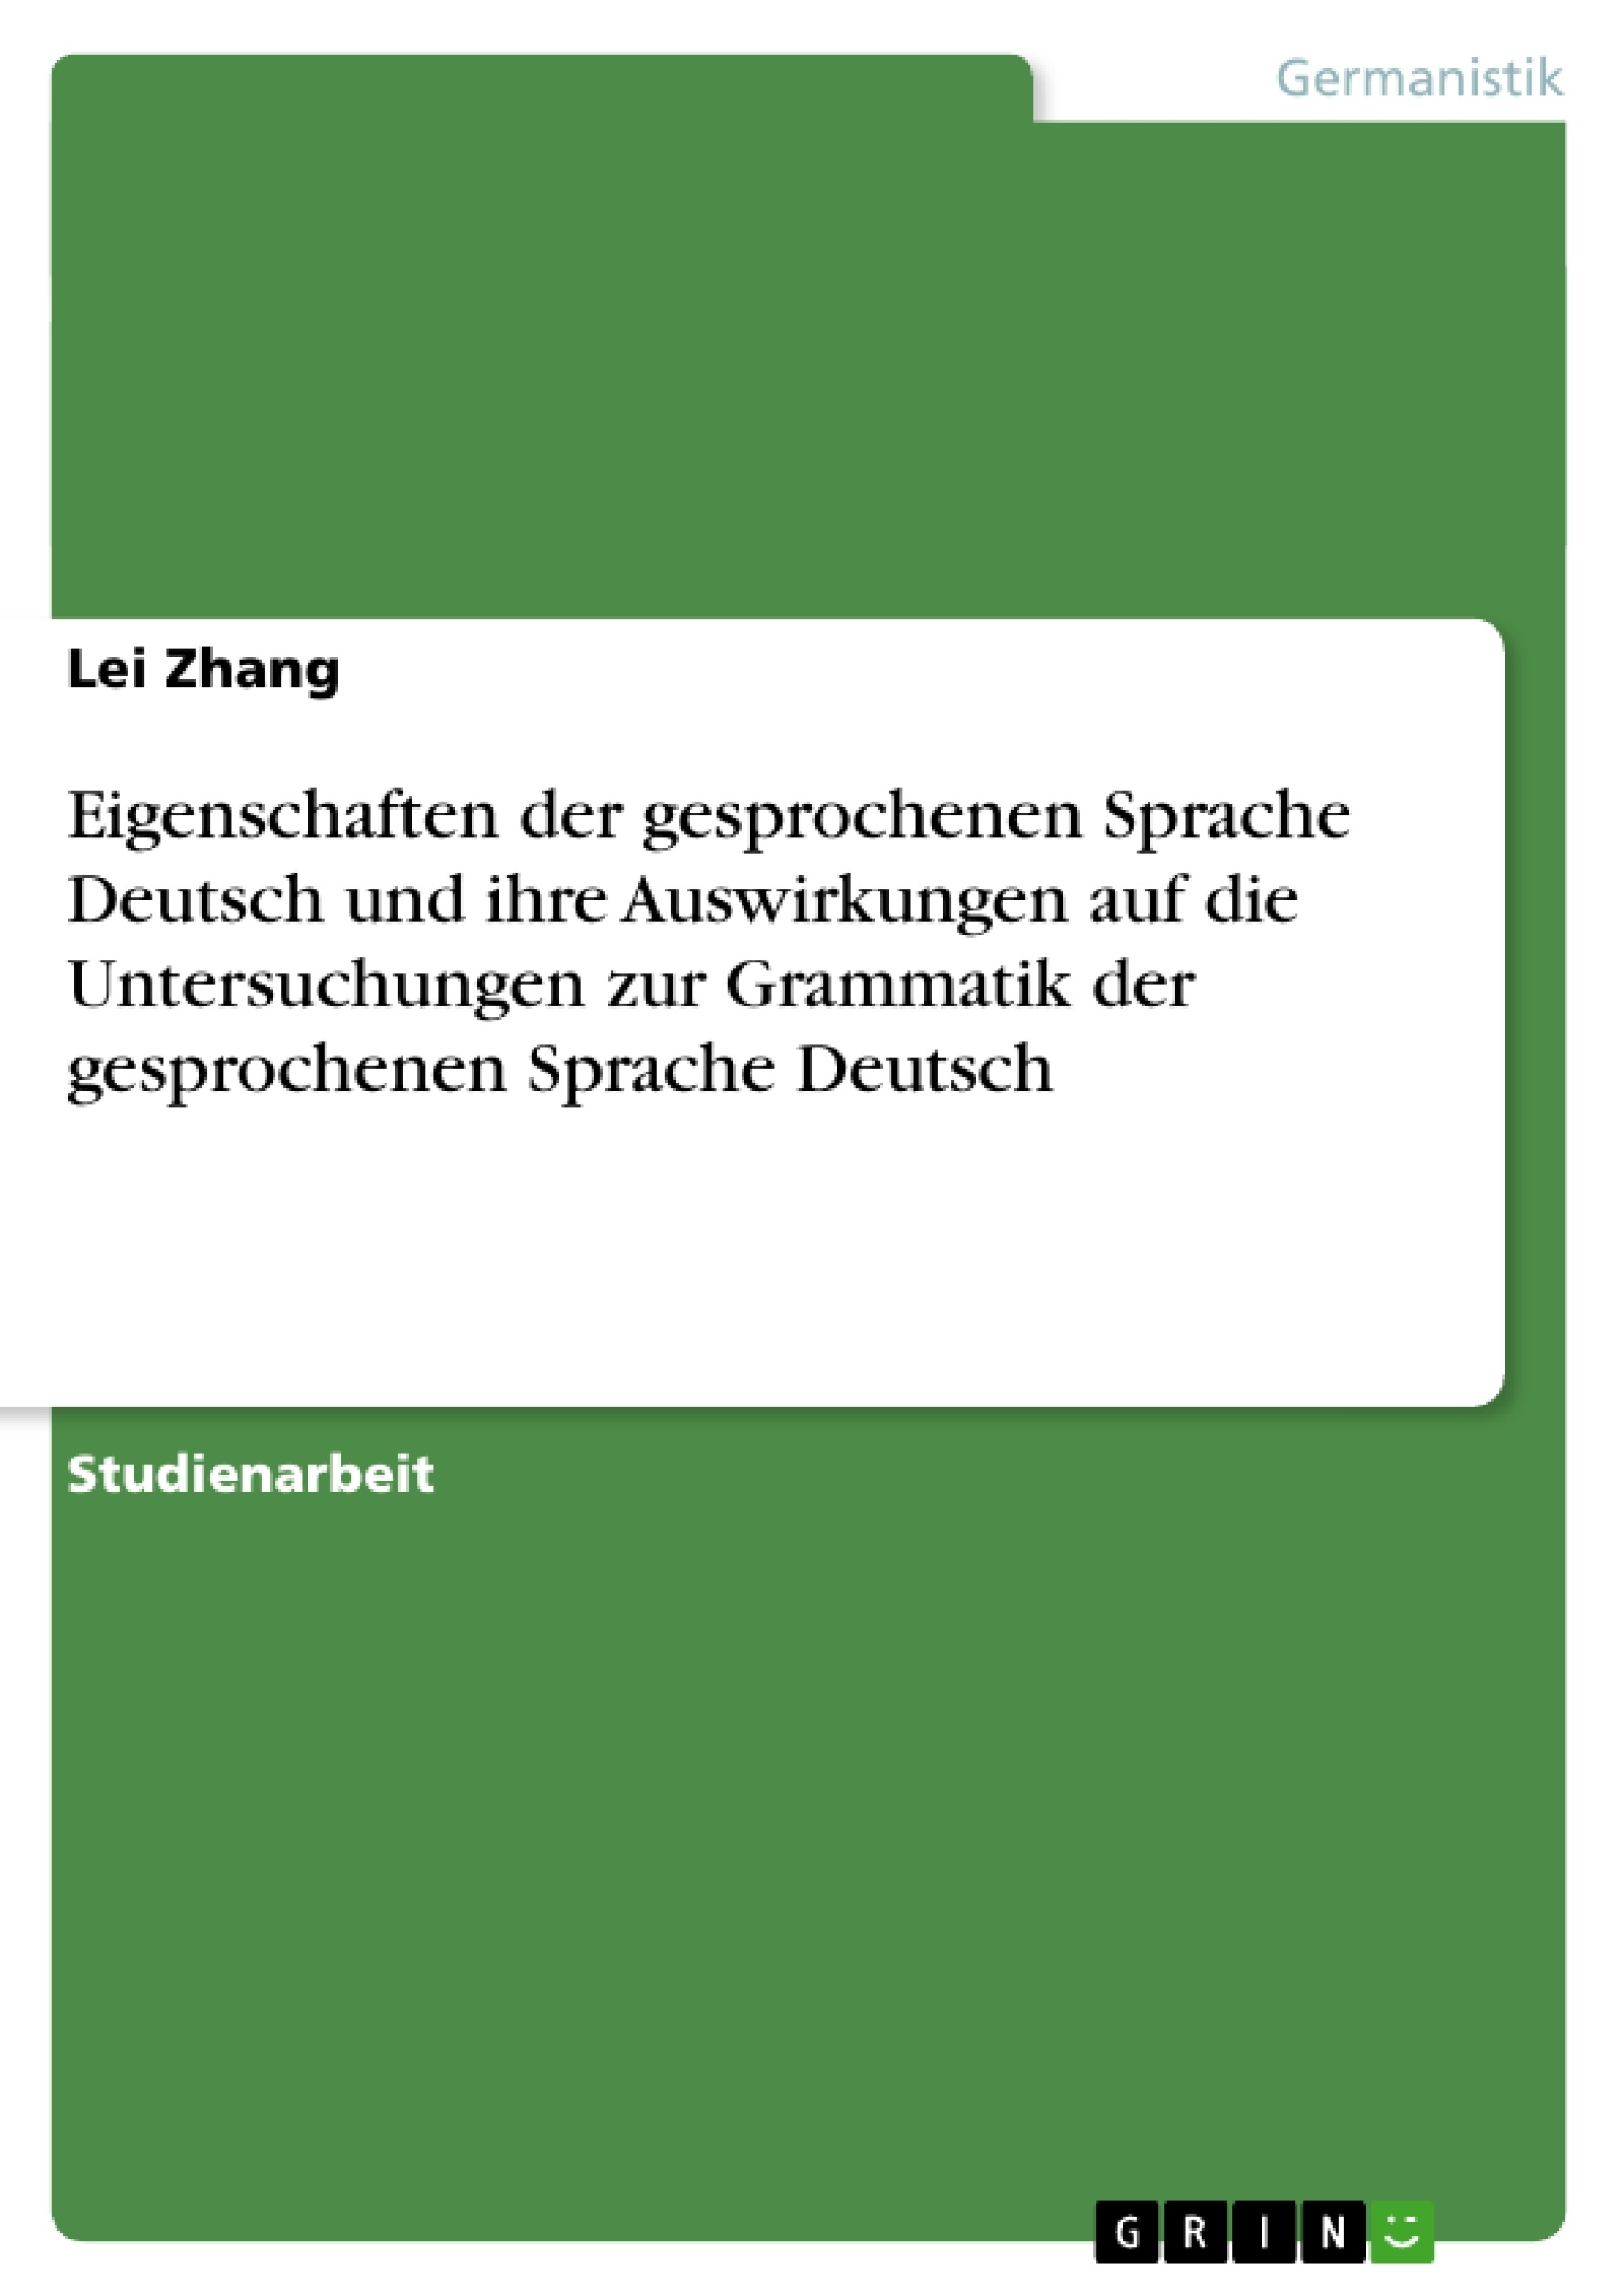 Titel: Eigenschaften der gesprochenen Sprache Deutsch und ihre Auswirkungen auf die Untersuchungen zur Grammatik der gesprochenen Sprache Deutsch